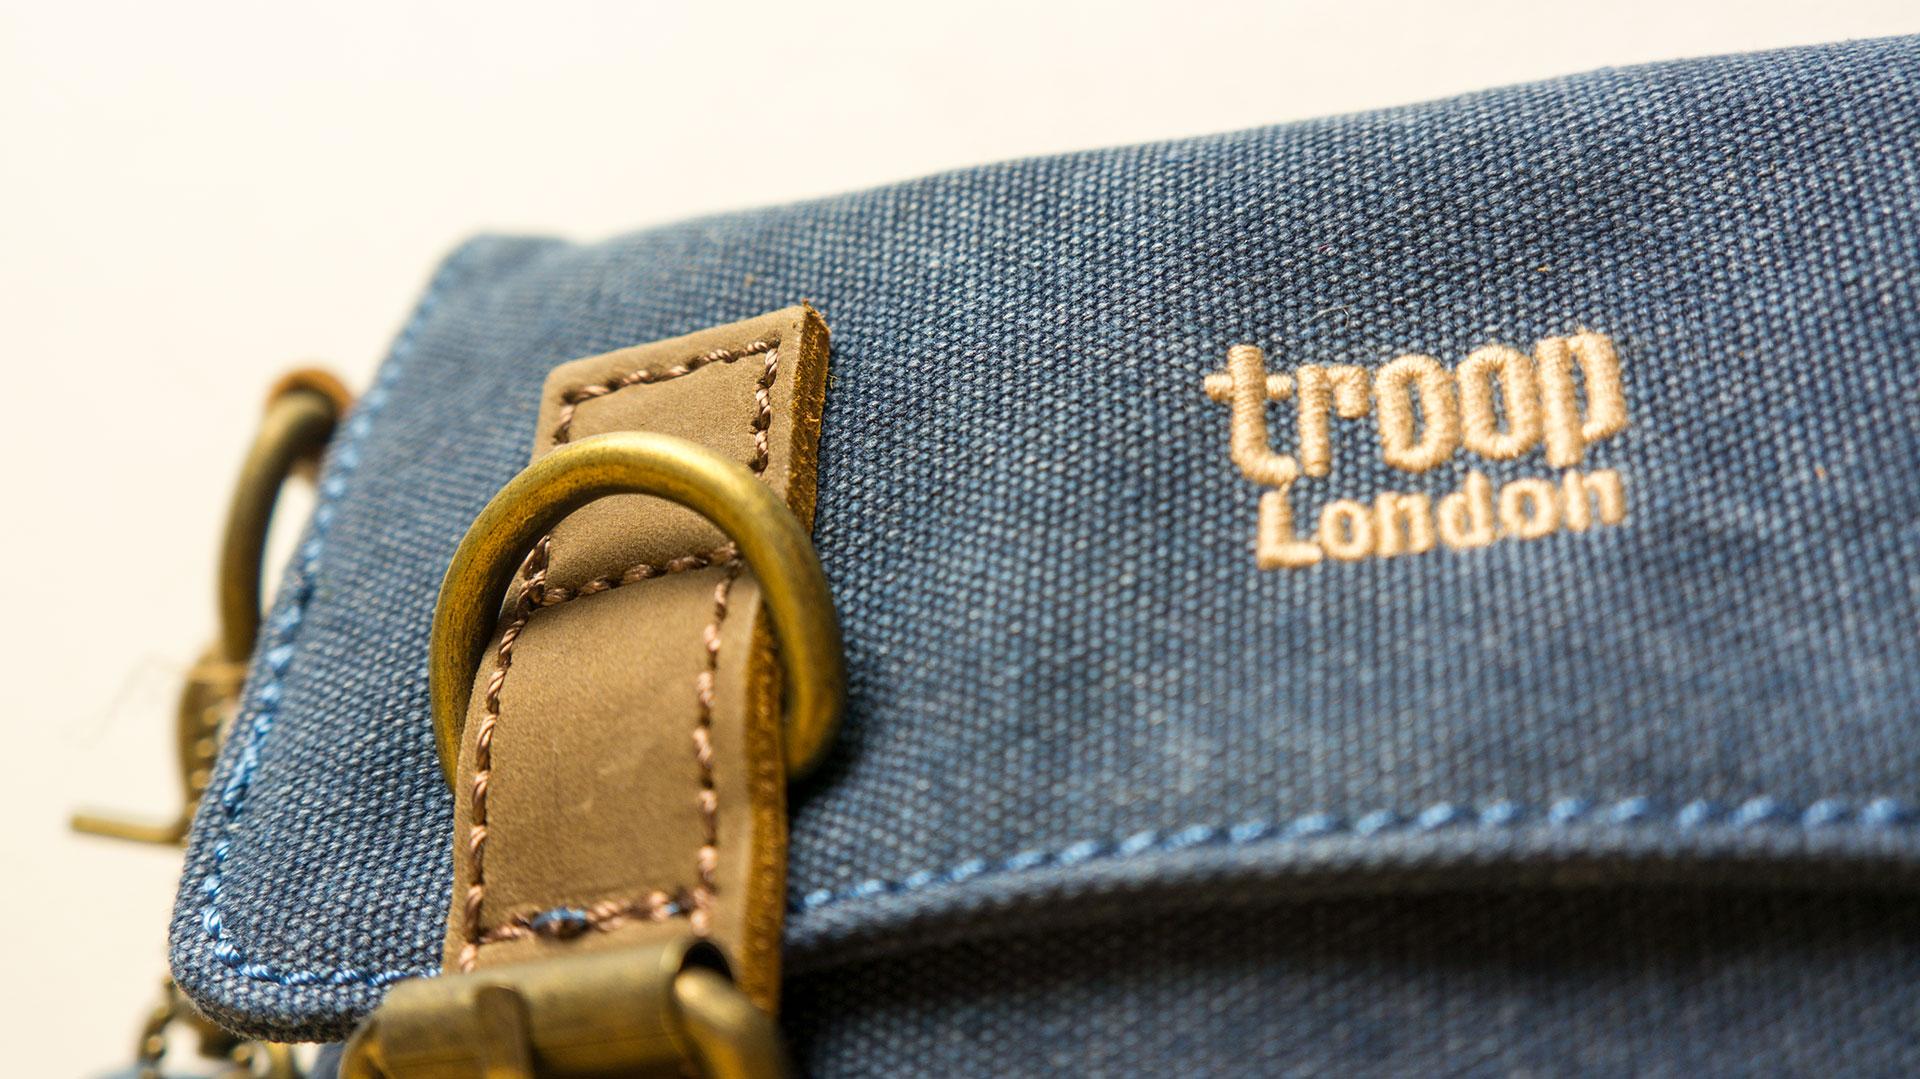 Troop London - Rozšířitelná brašnička přes rameno